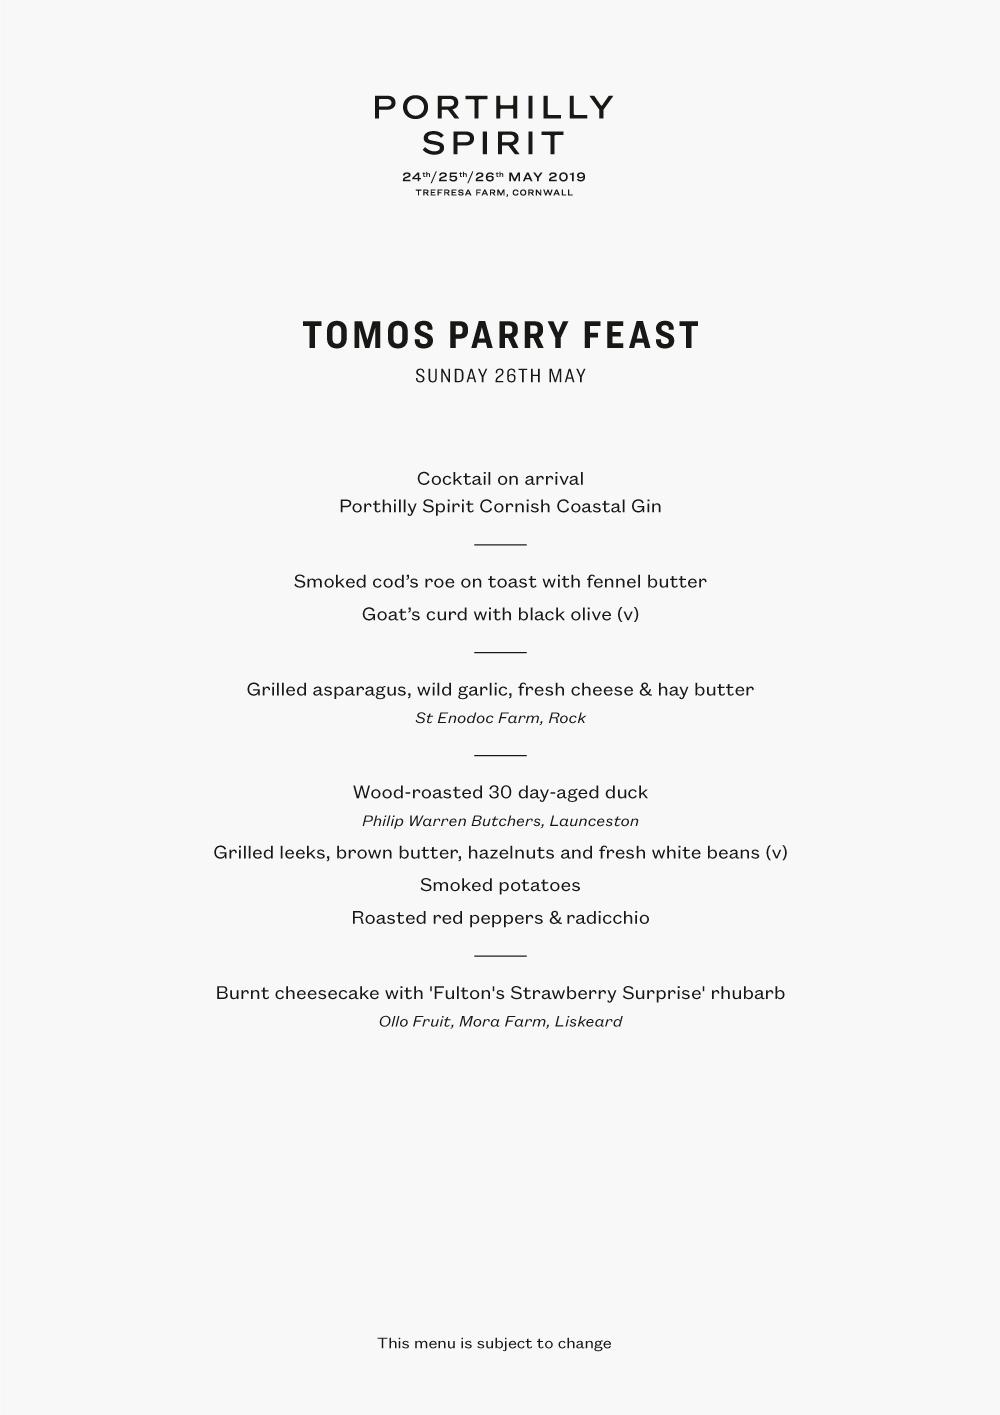 tomos-parry-feast-menu.jpg